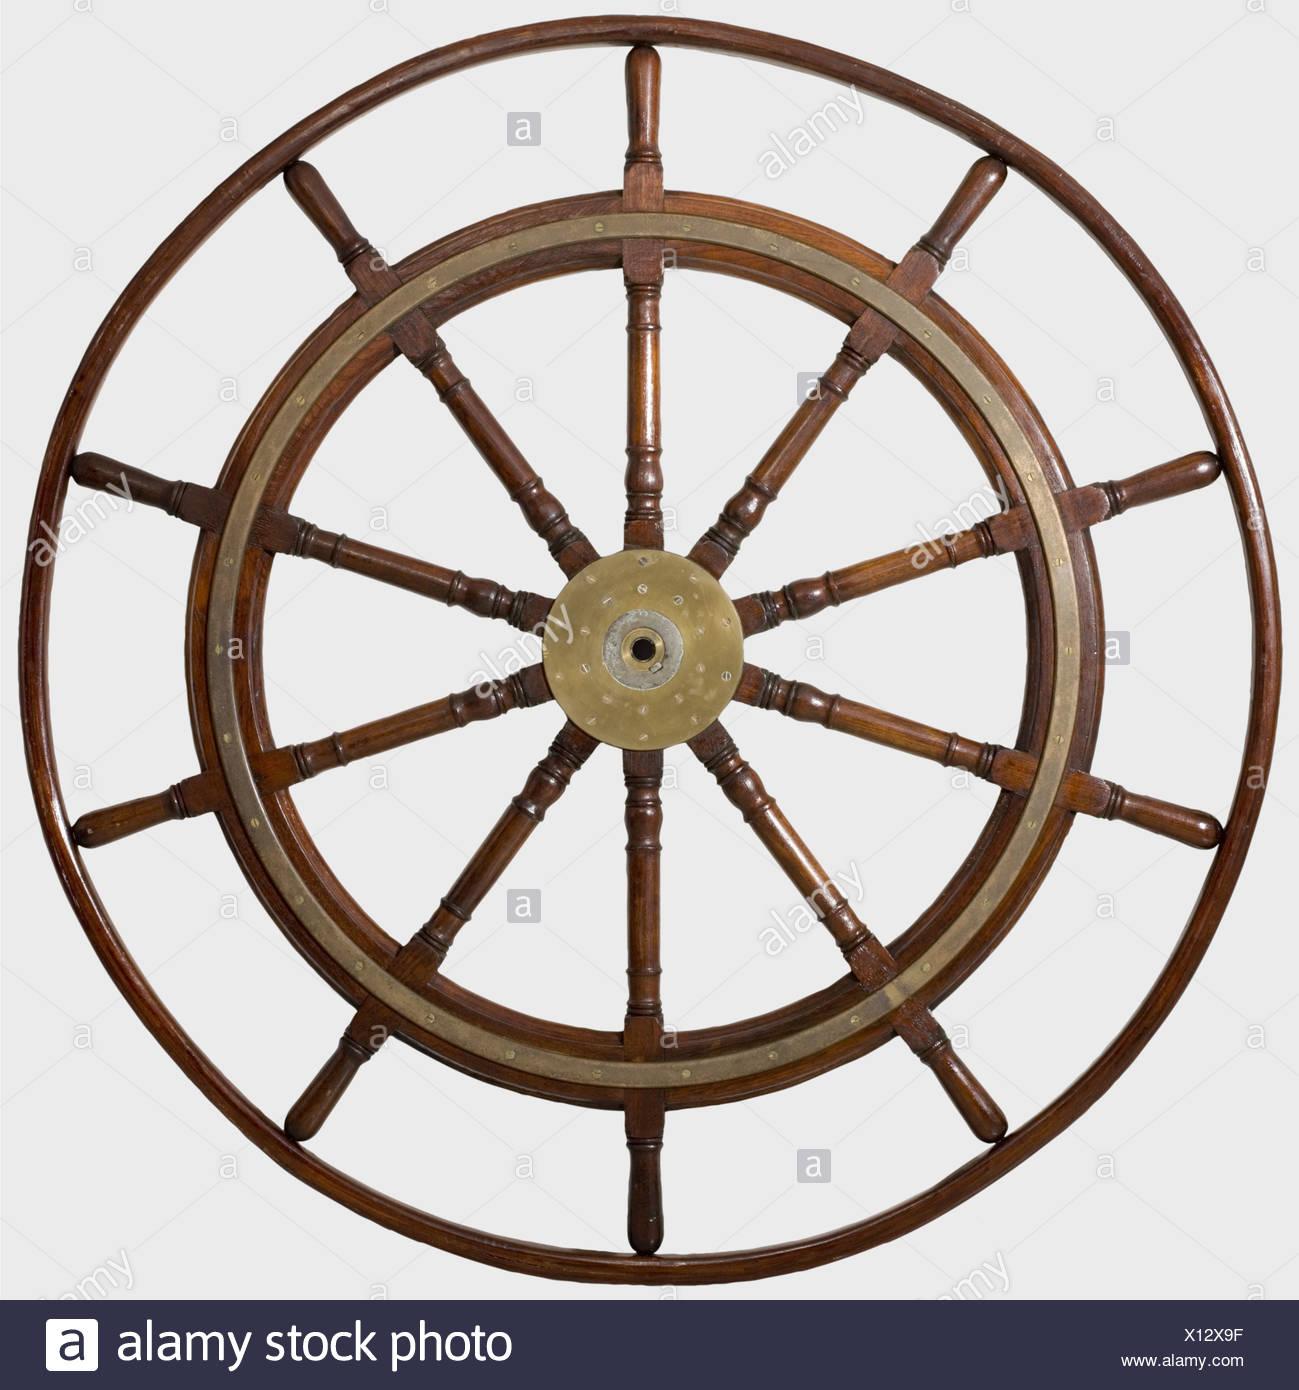 Wooden ship wheel ships stock photos